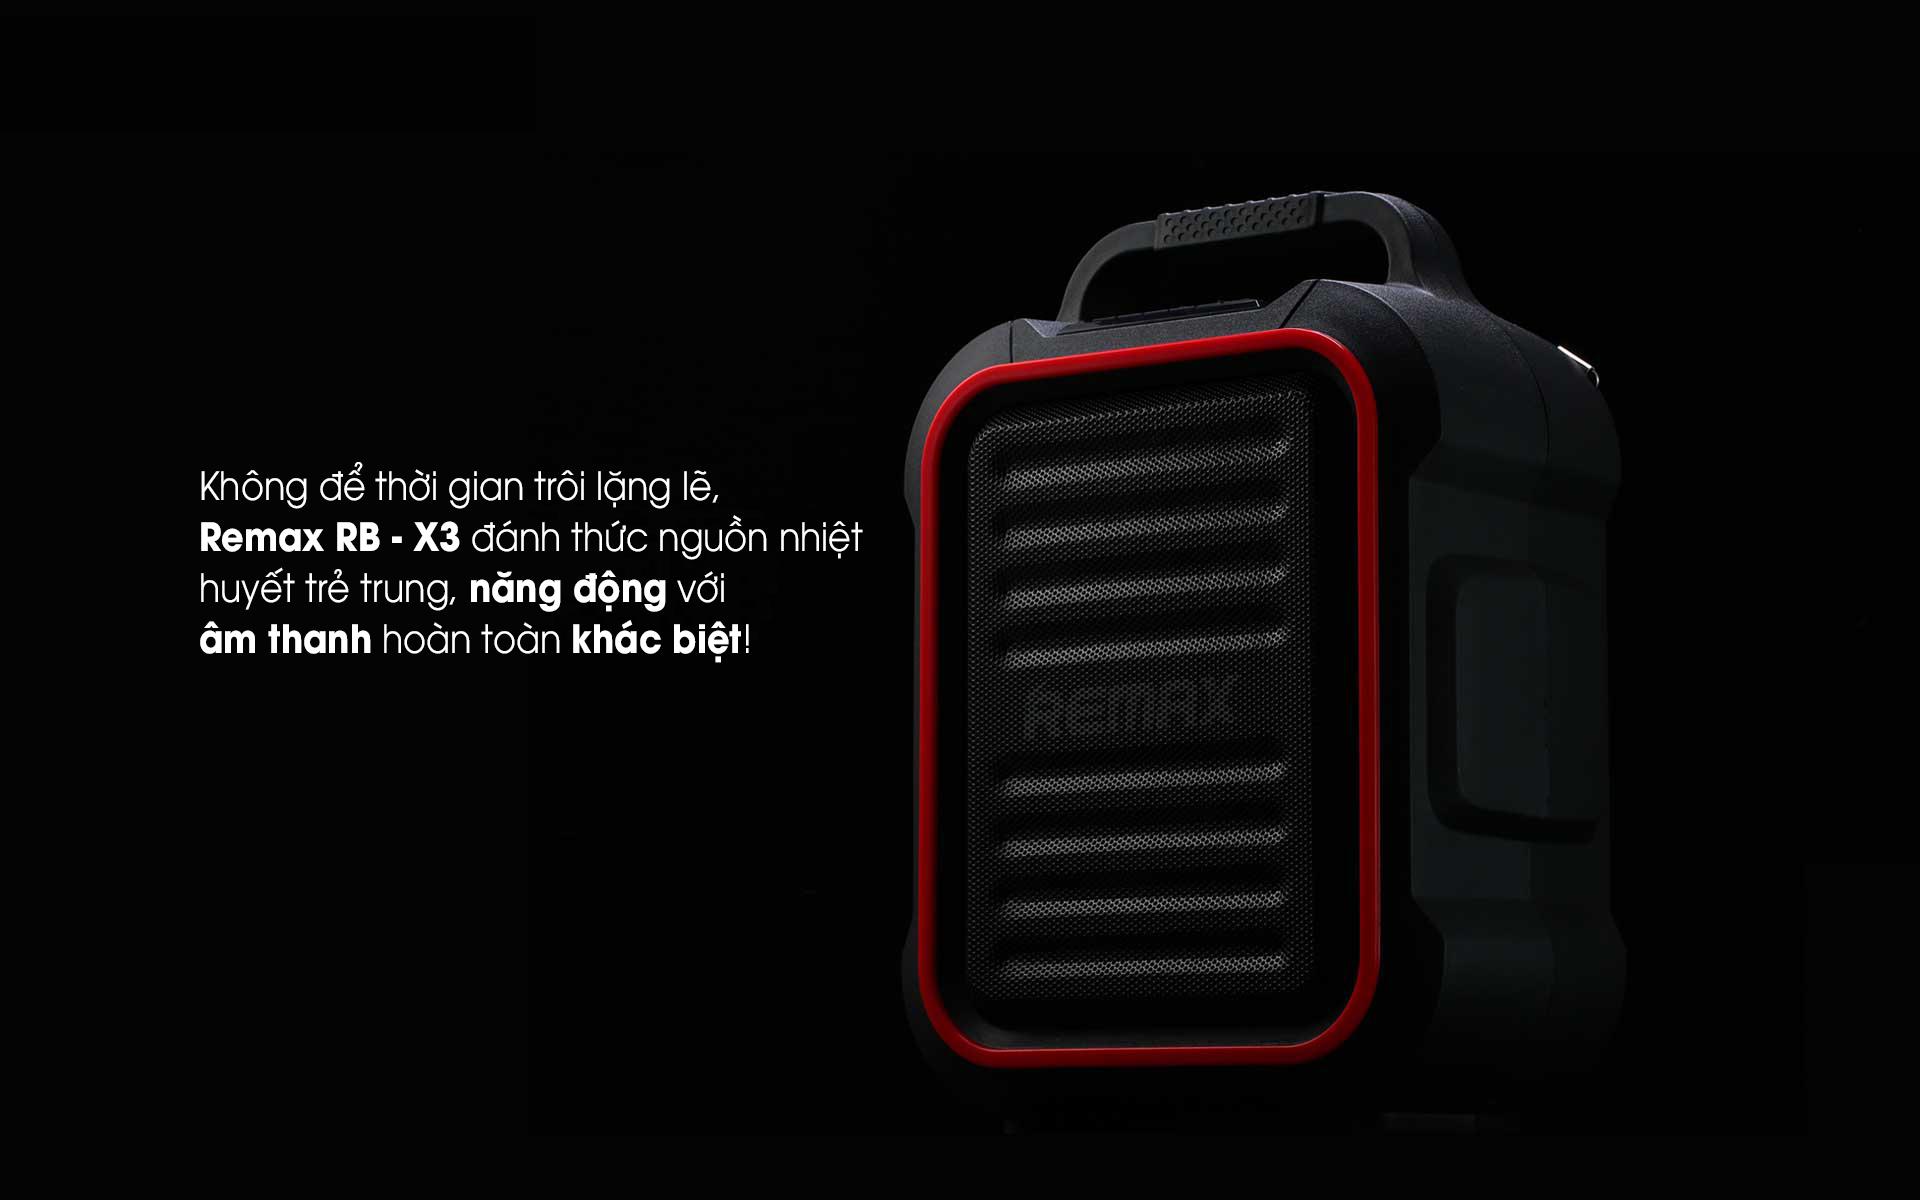 Loa xách tay karaoke bluetooth Remax X3 chính hãng giá rẻ tại TP HCM